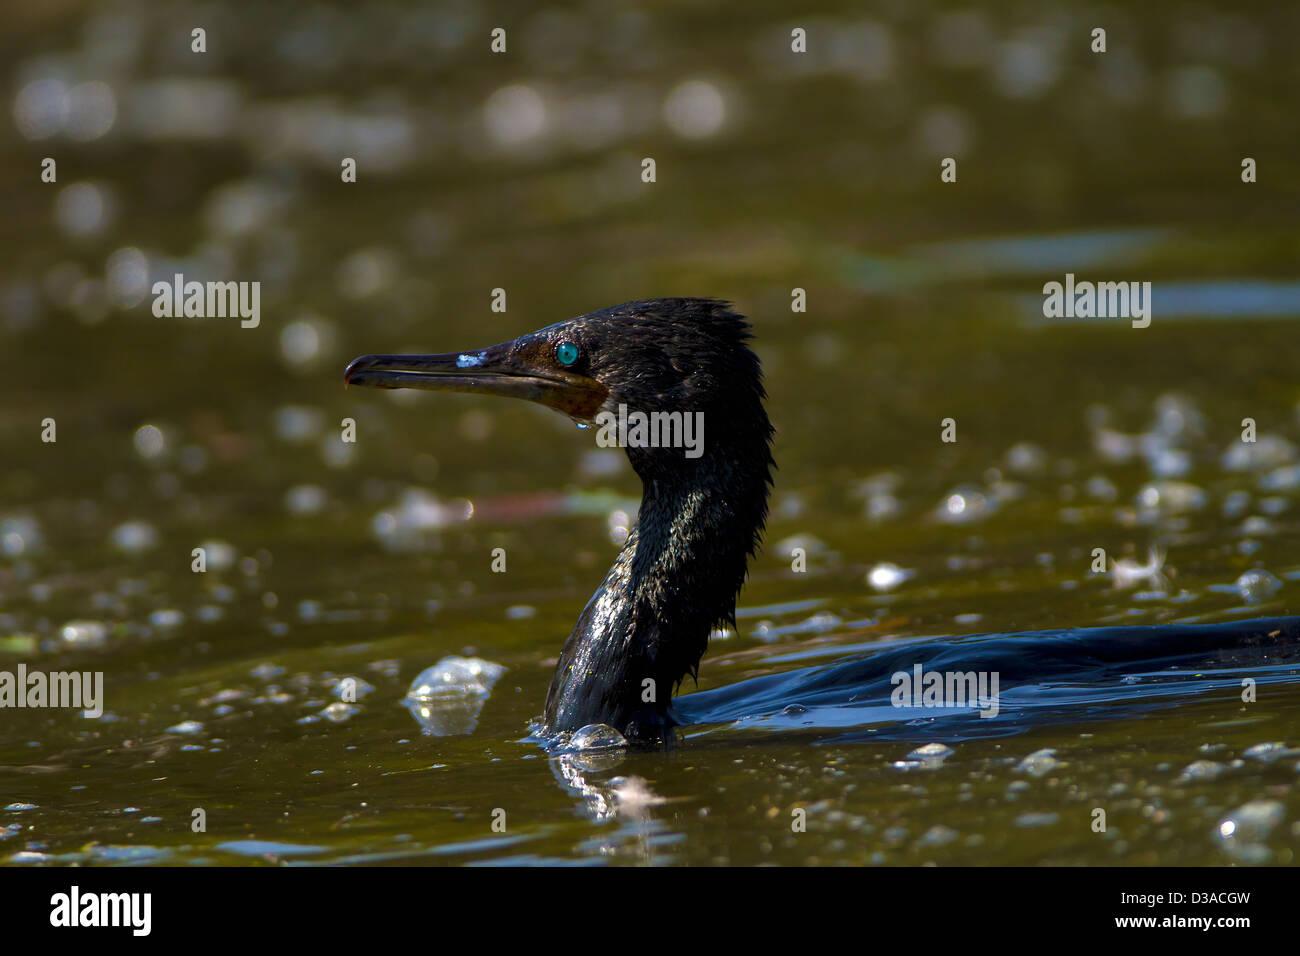 Cormorant bird in lake - Stock Image